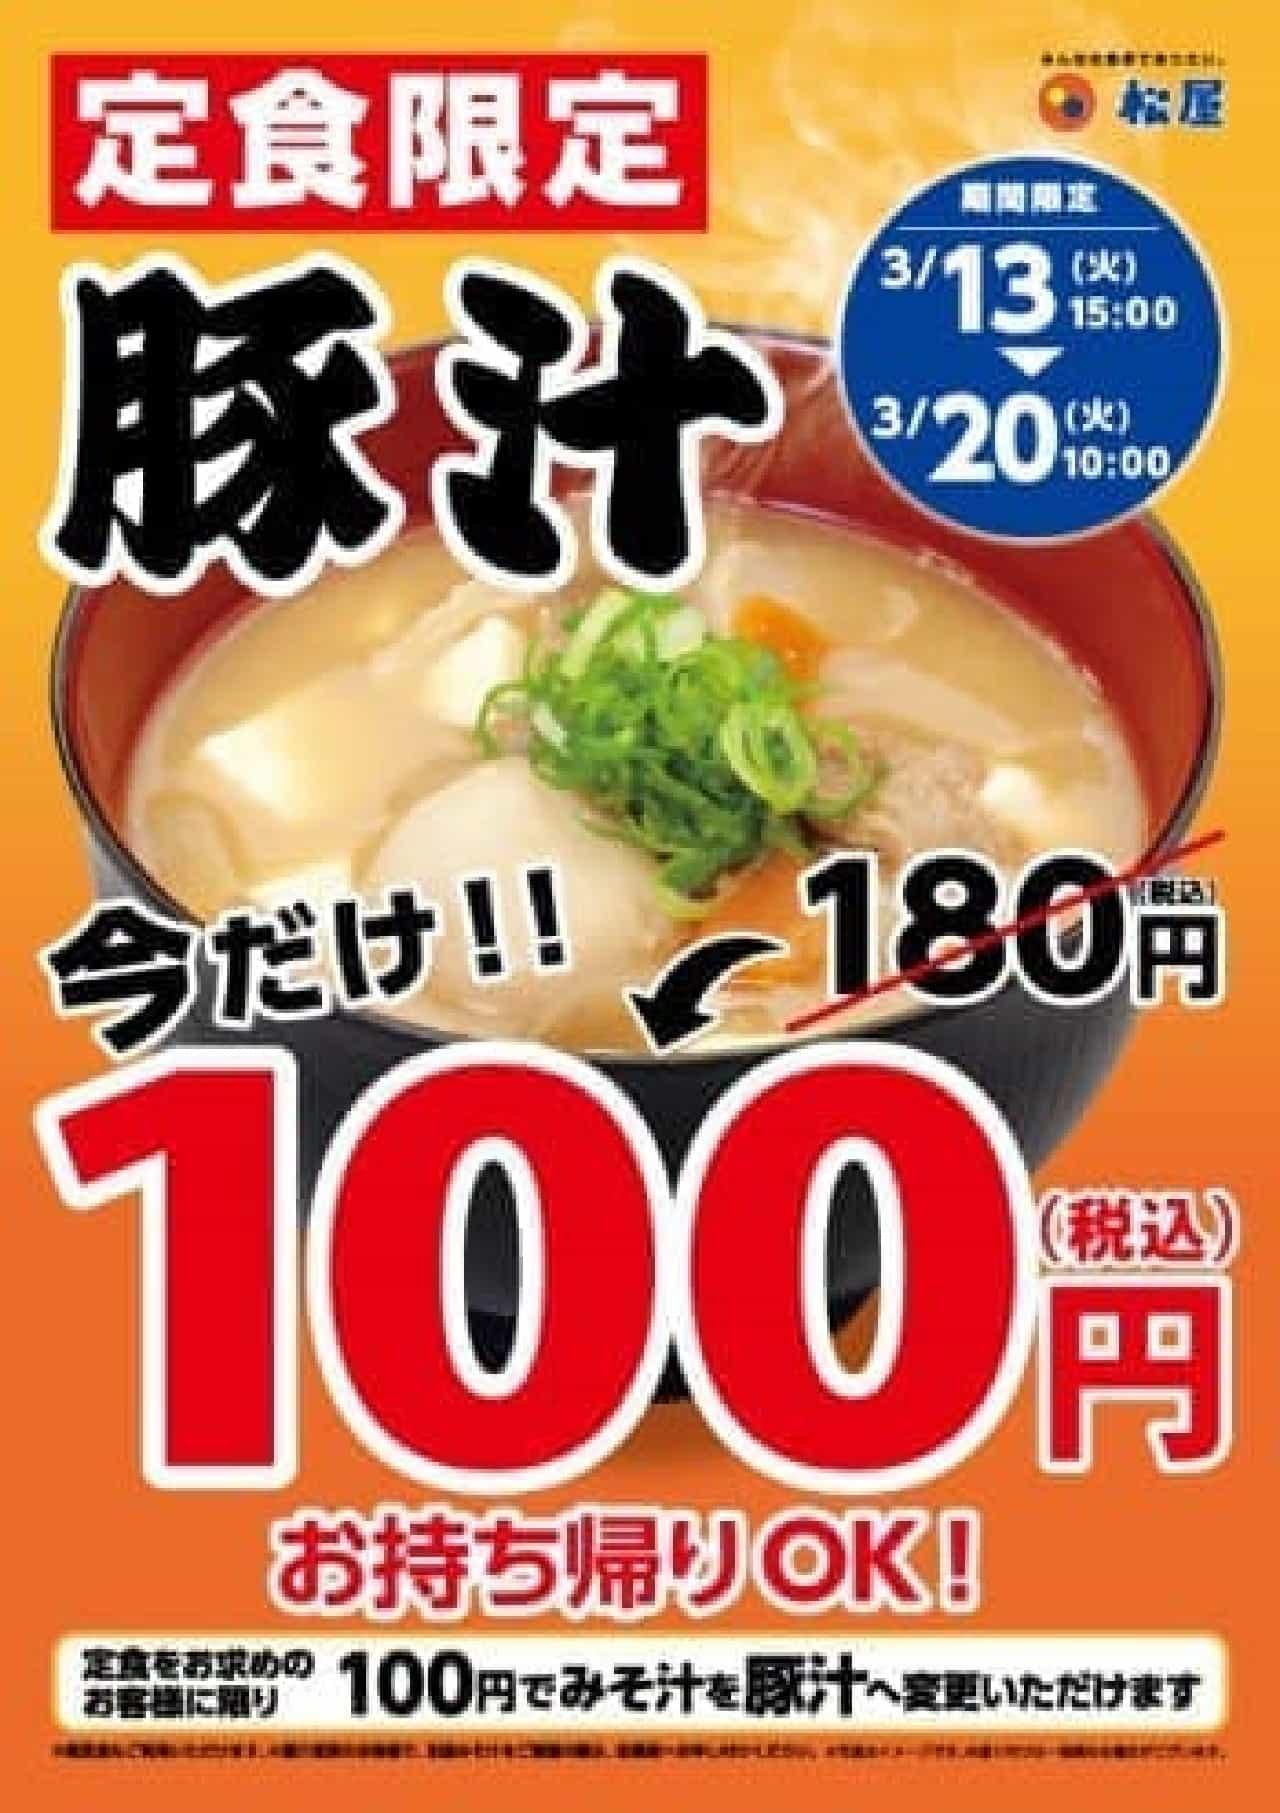 松屋で定食を注文した人限定「豚汁」100円に